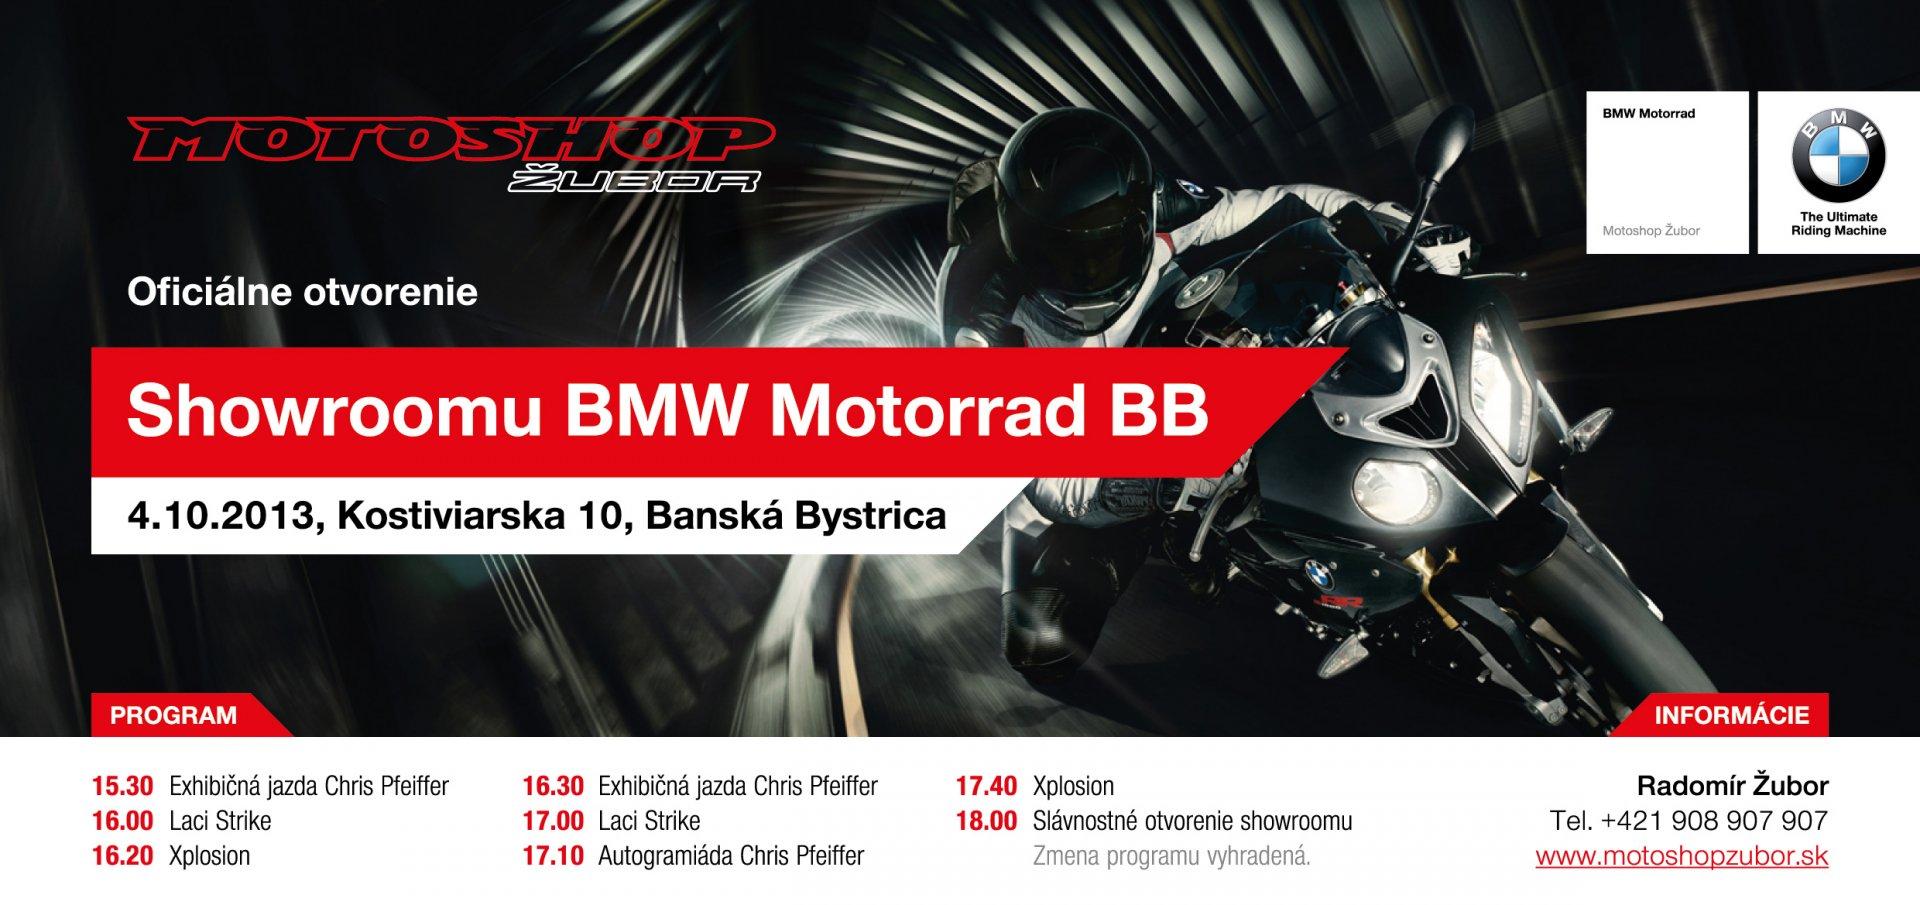 Otvorenie BMW Motorrad showroomu